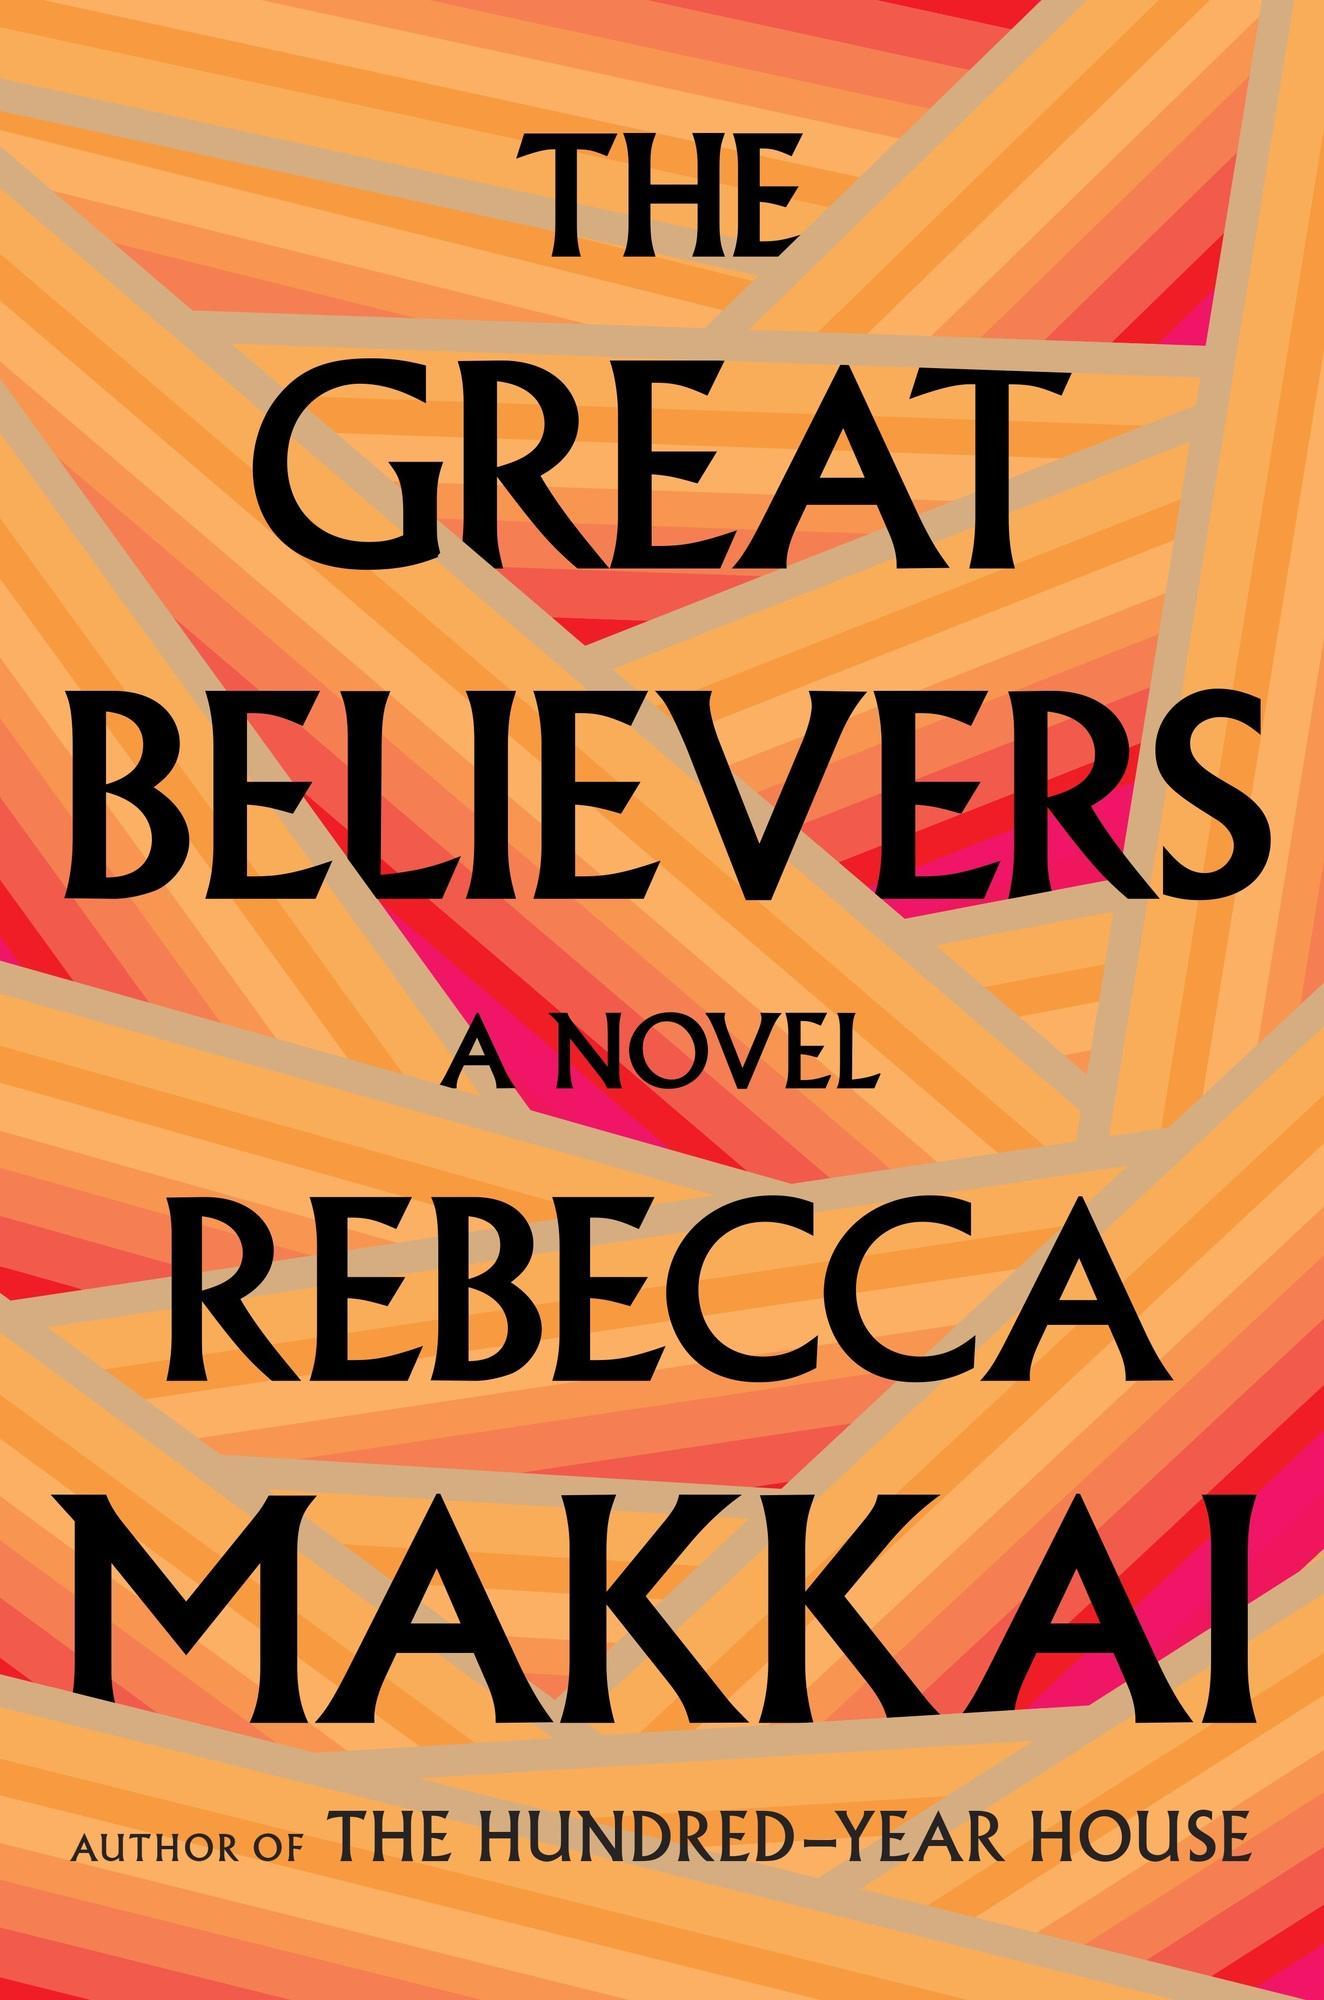 rebeccamakkai-thegreatbelievers.jpg